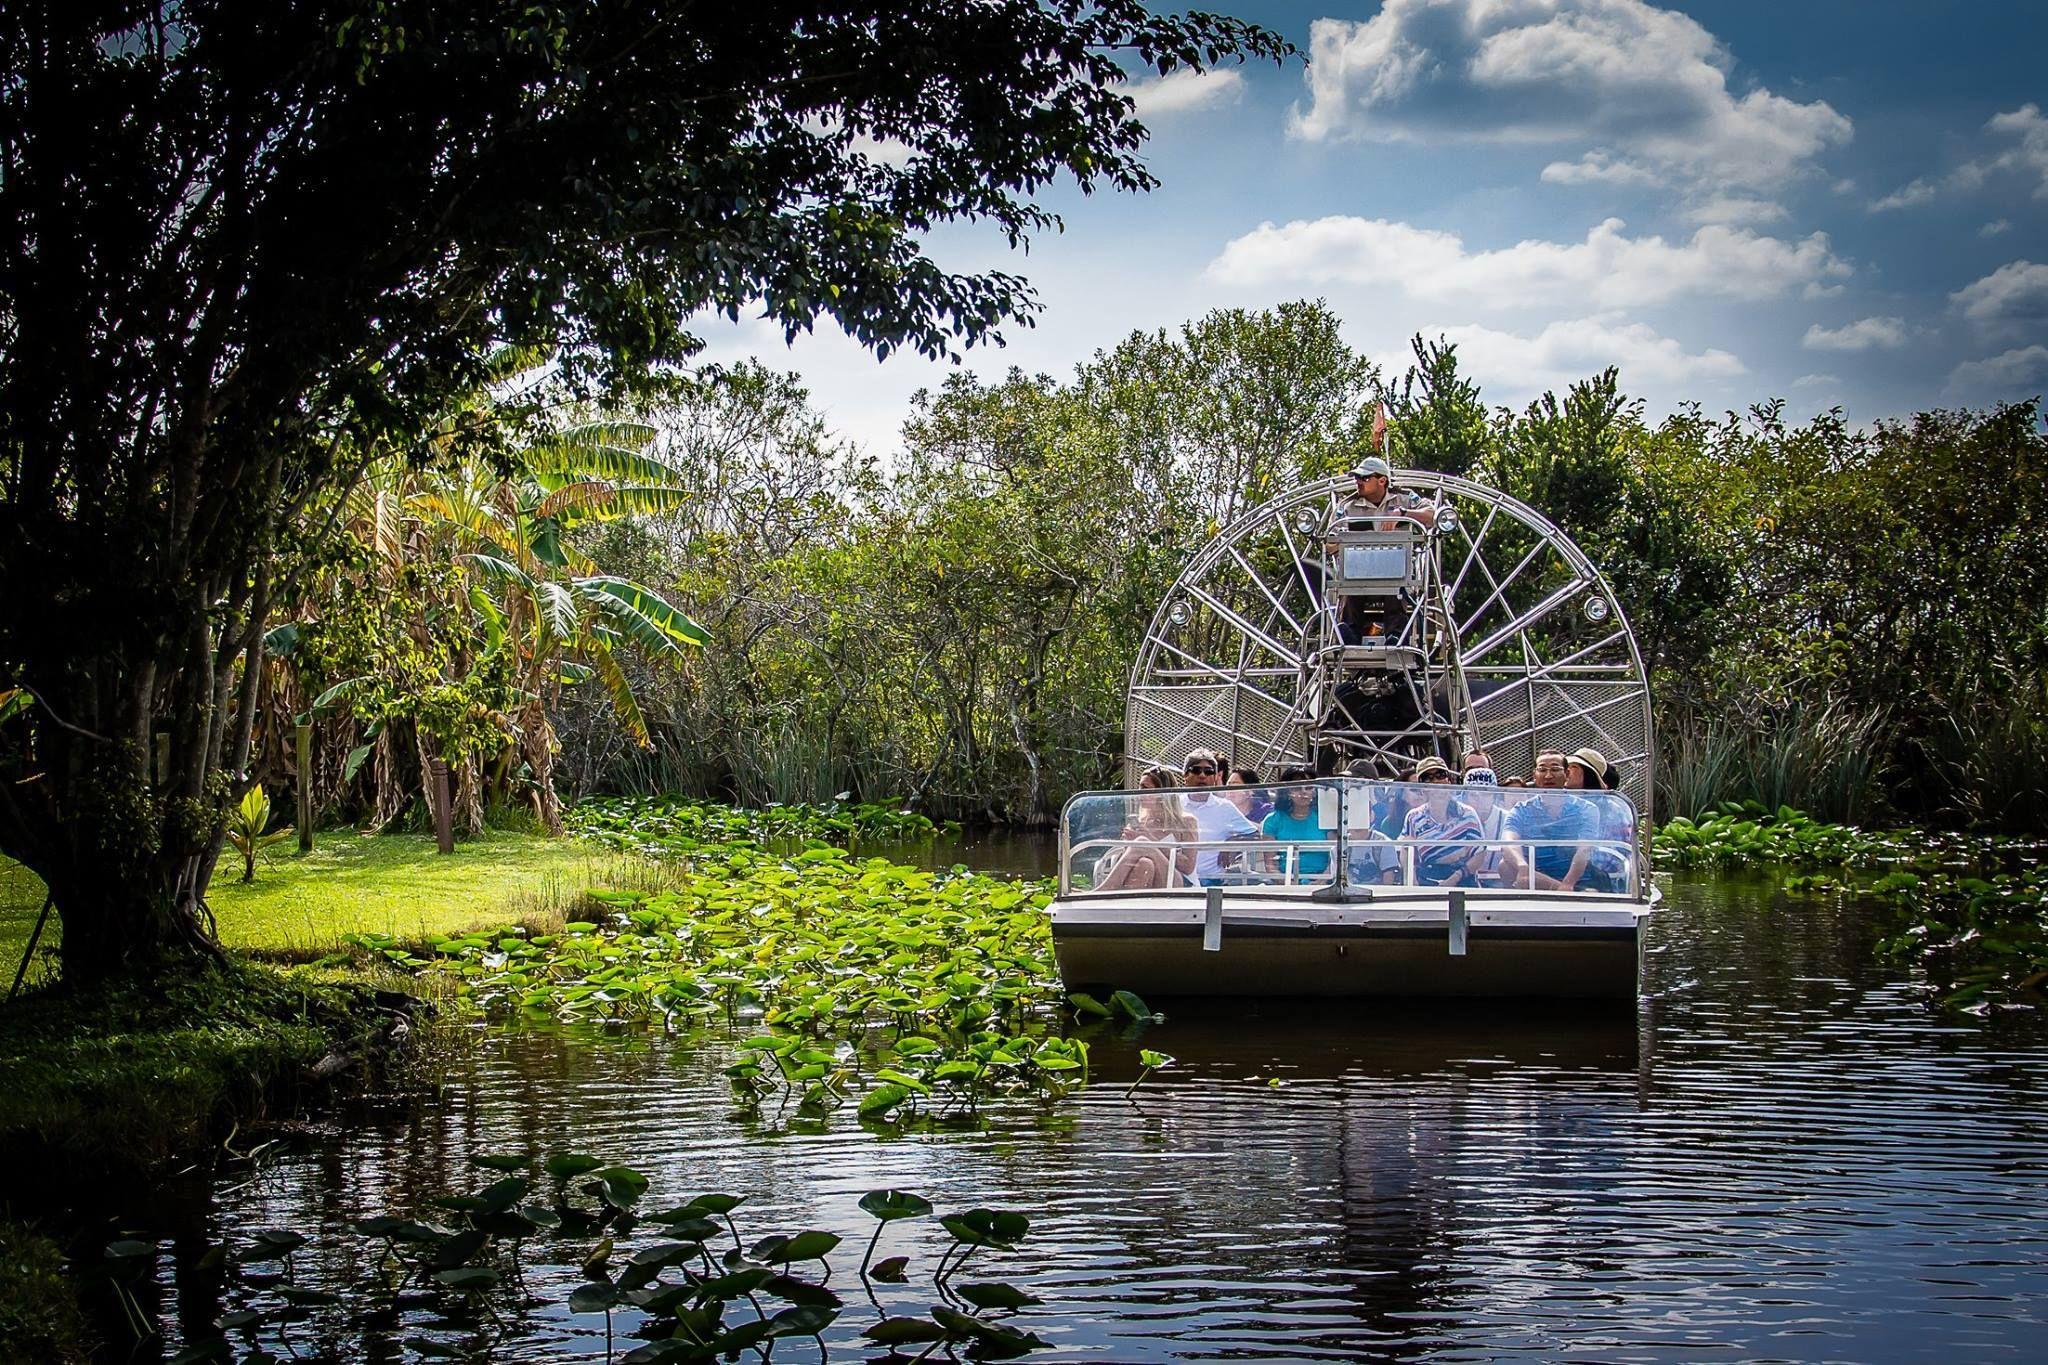 Wie wär's mit einer Fahrt durch den Everglades Safari Park